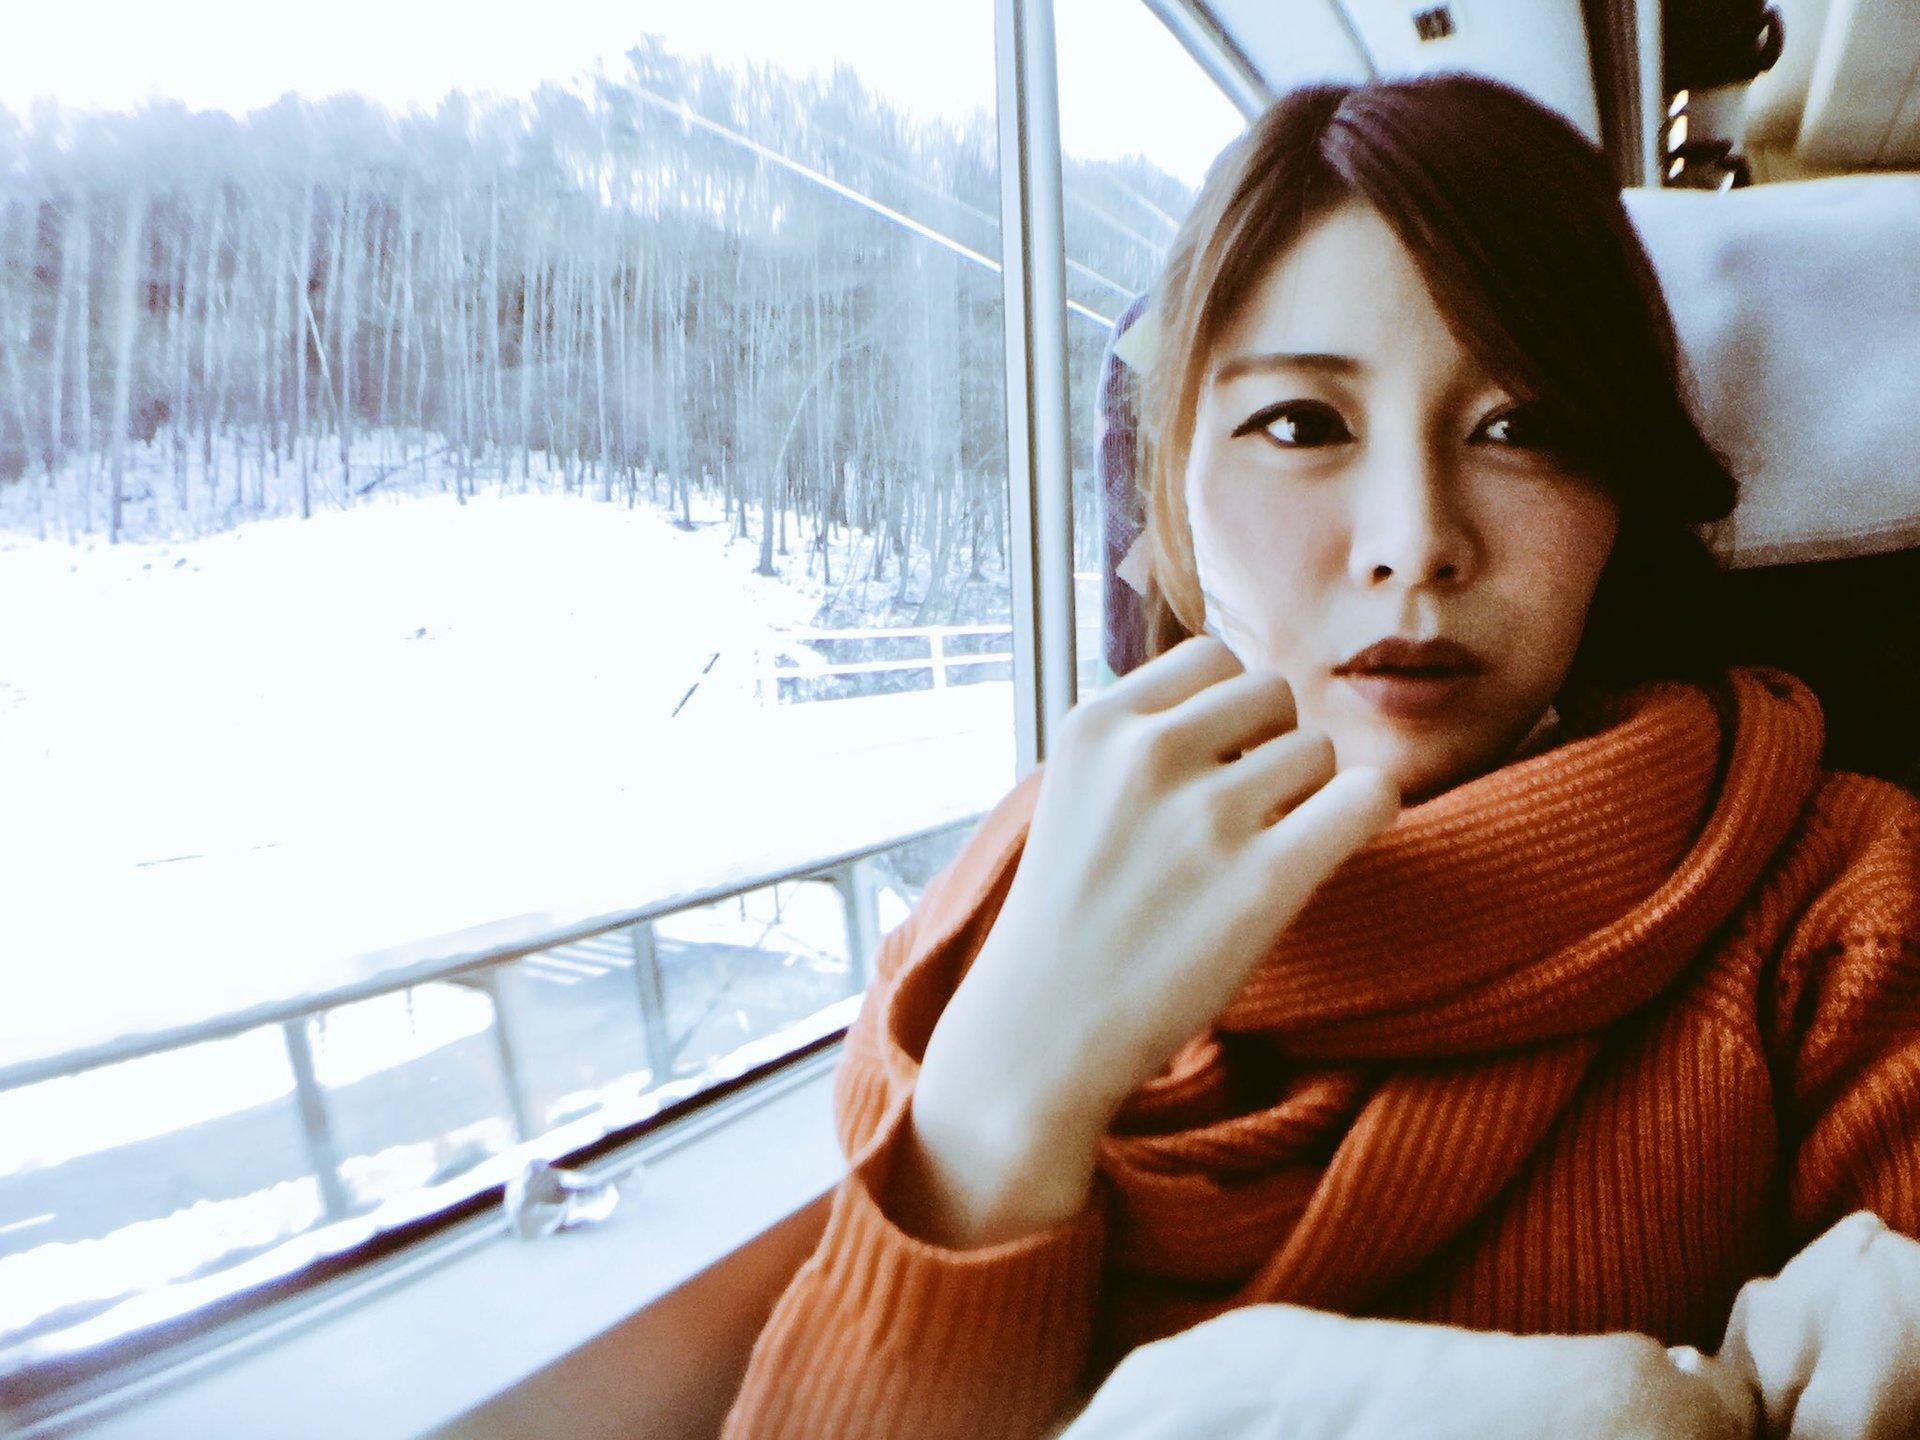 【女一人旅・電車一本で雪国へ】1人でも楽しめる長野県白馬・おすすめホテル